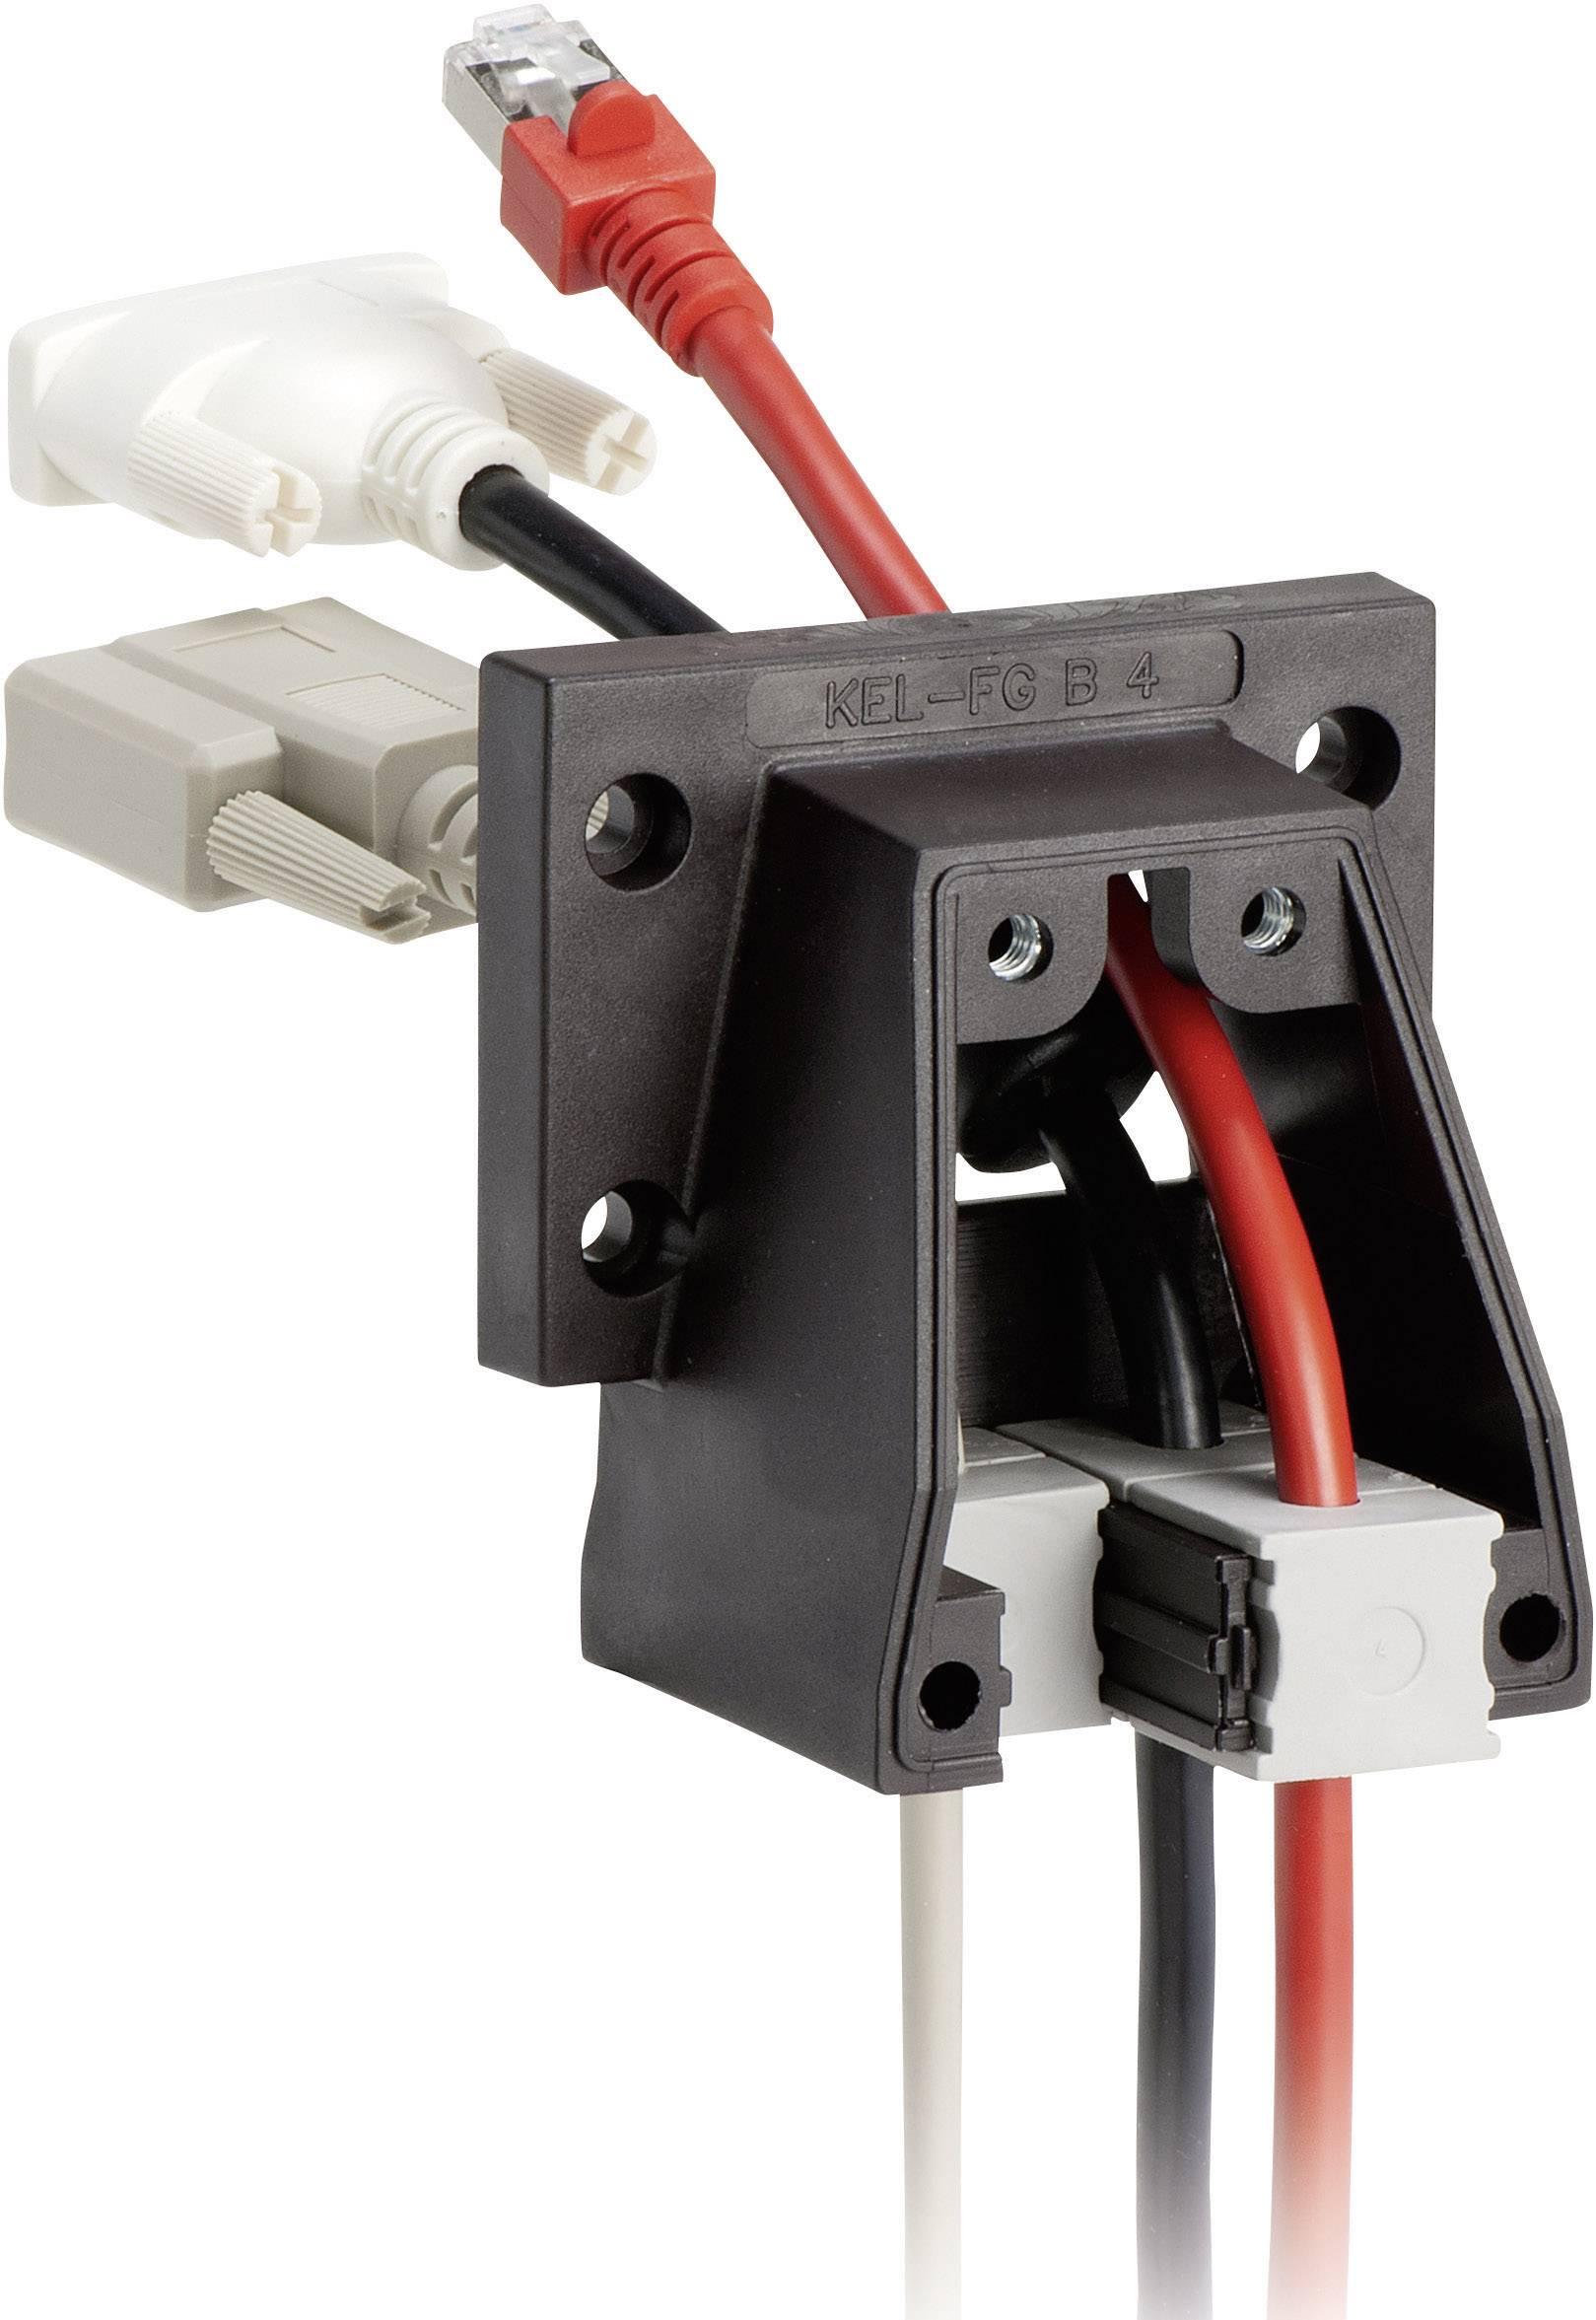 Icotek Ohišje s prirobnico KEL-FE KEL-FG B4 za kabel- maks. 34 mm, poliamid, črna